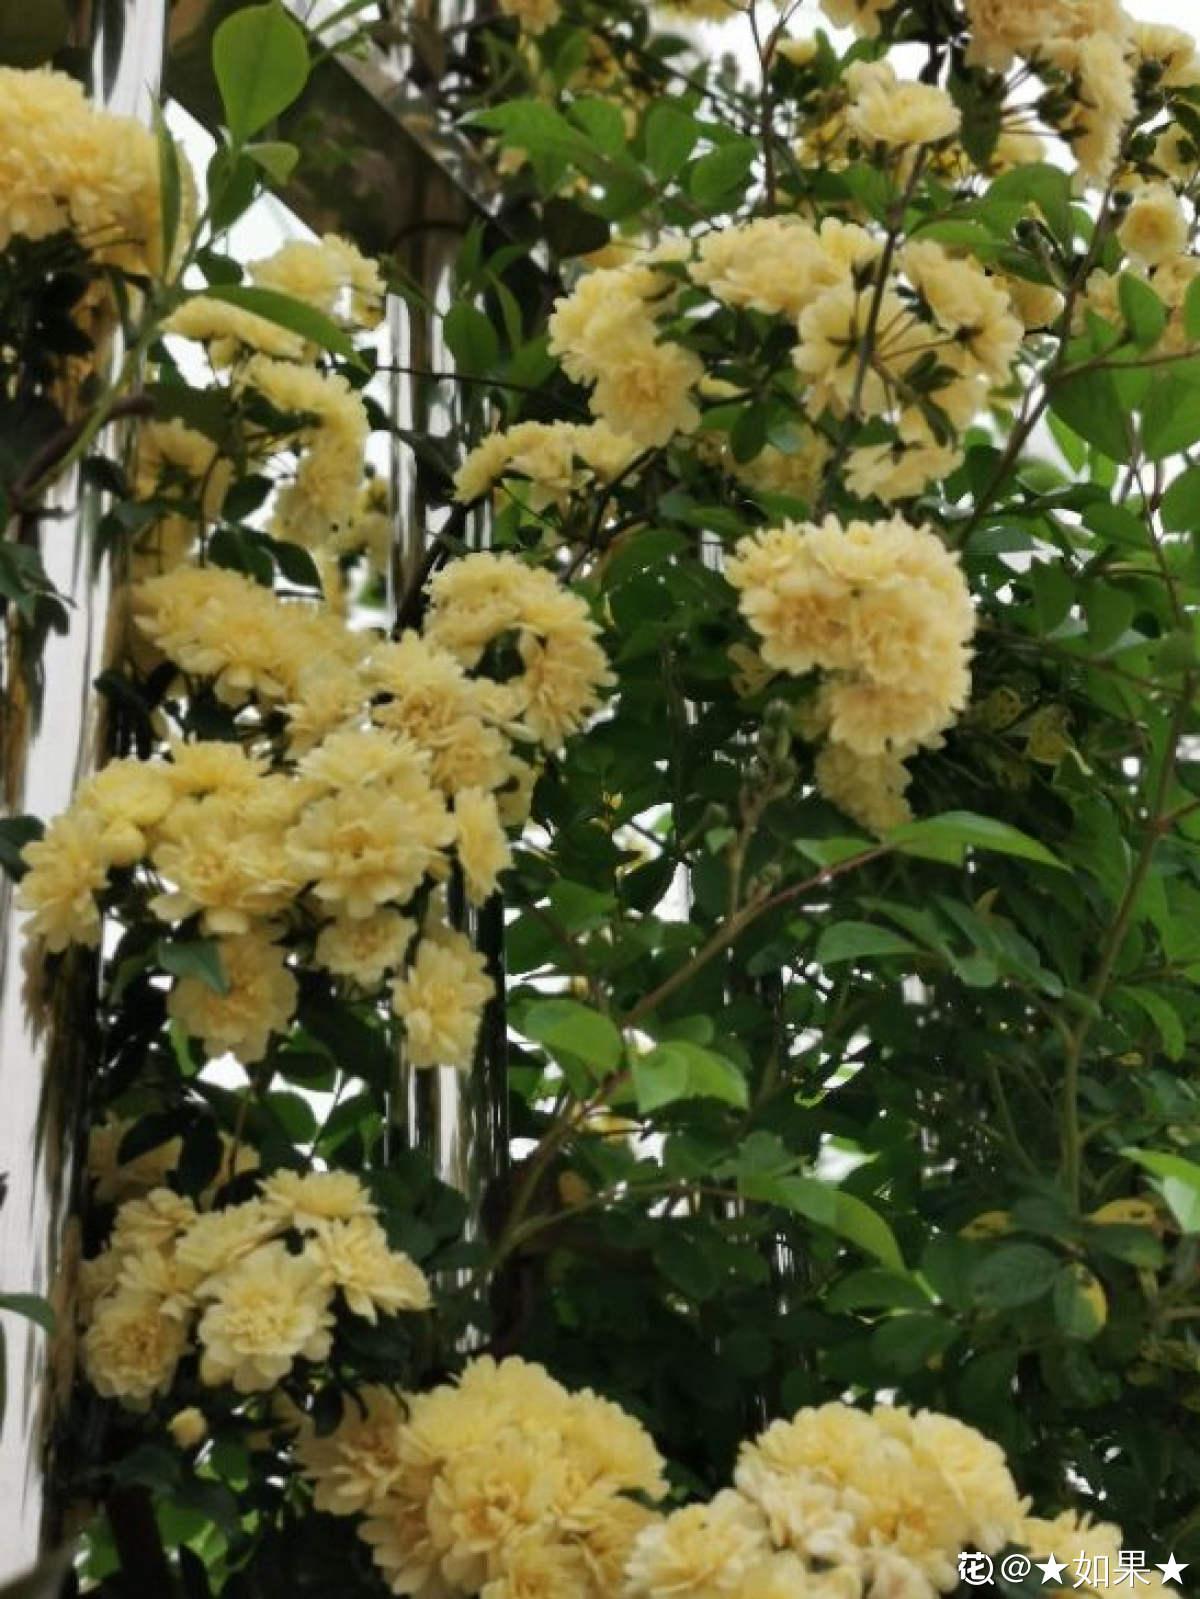 黄中显白的木香花